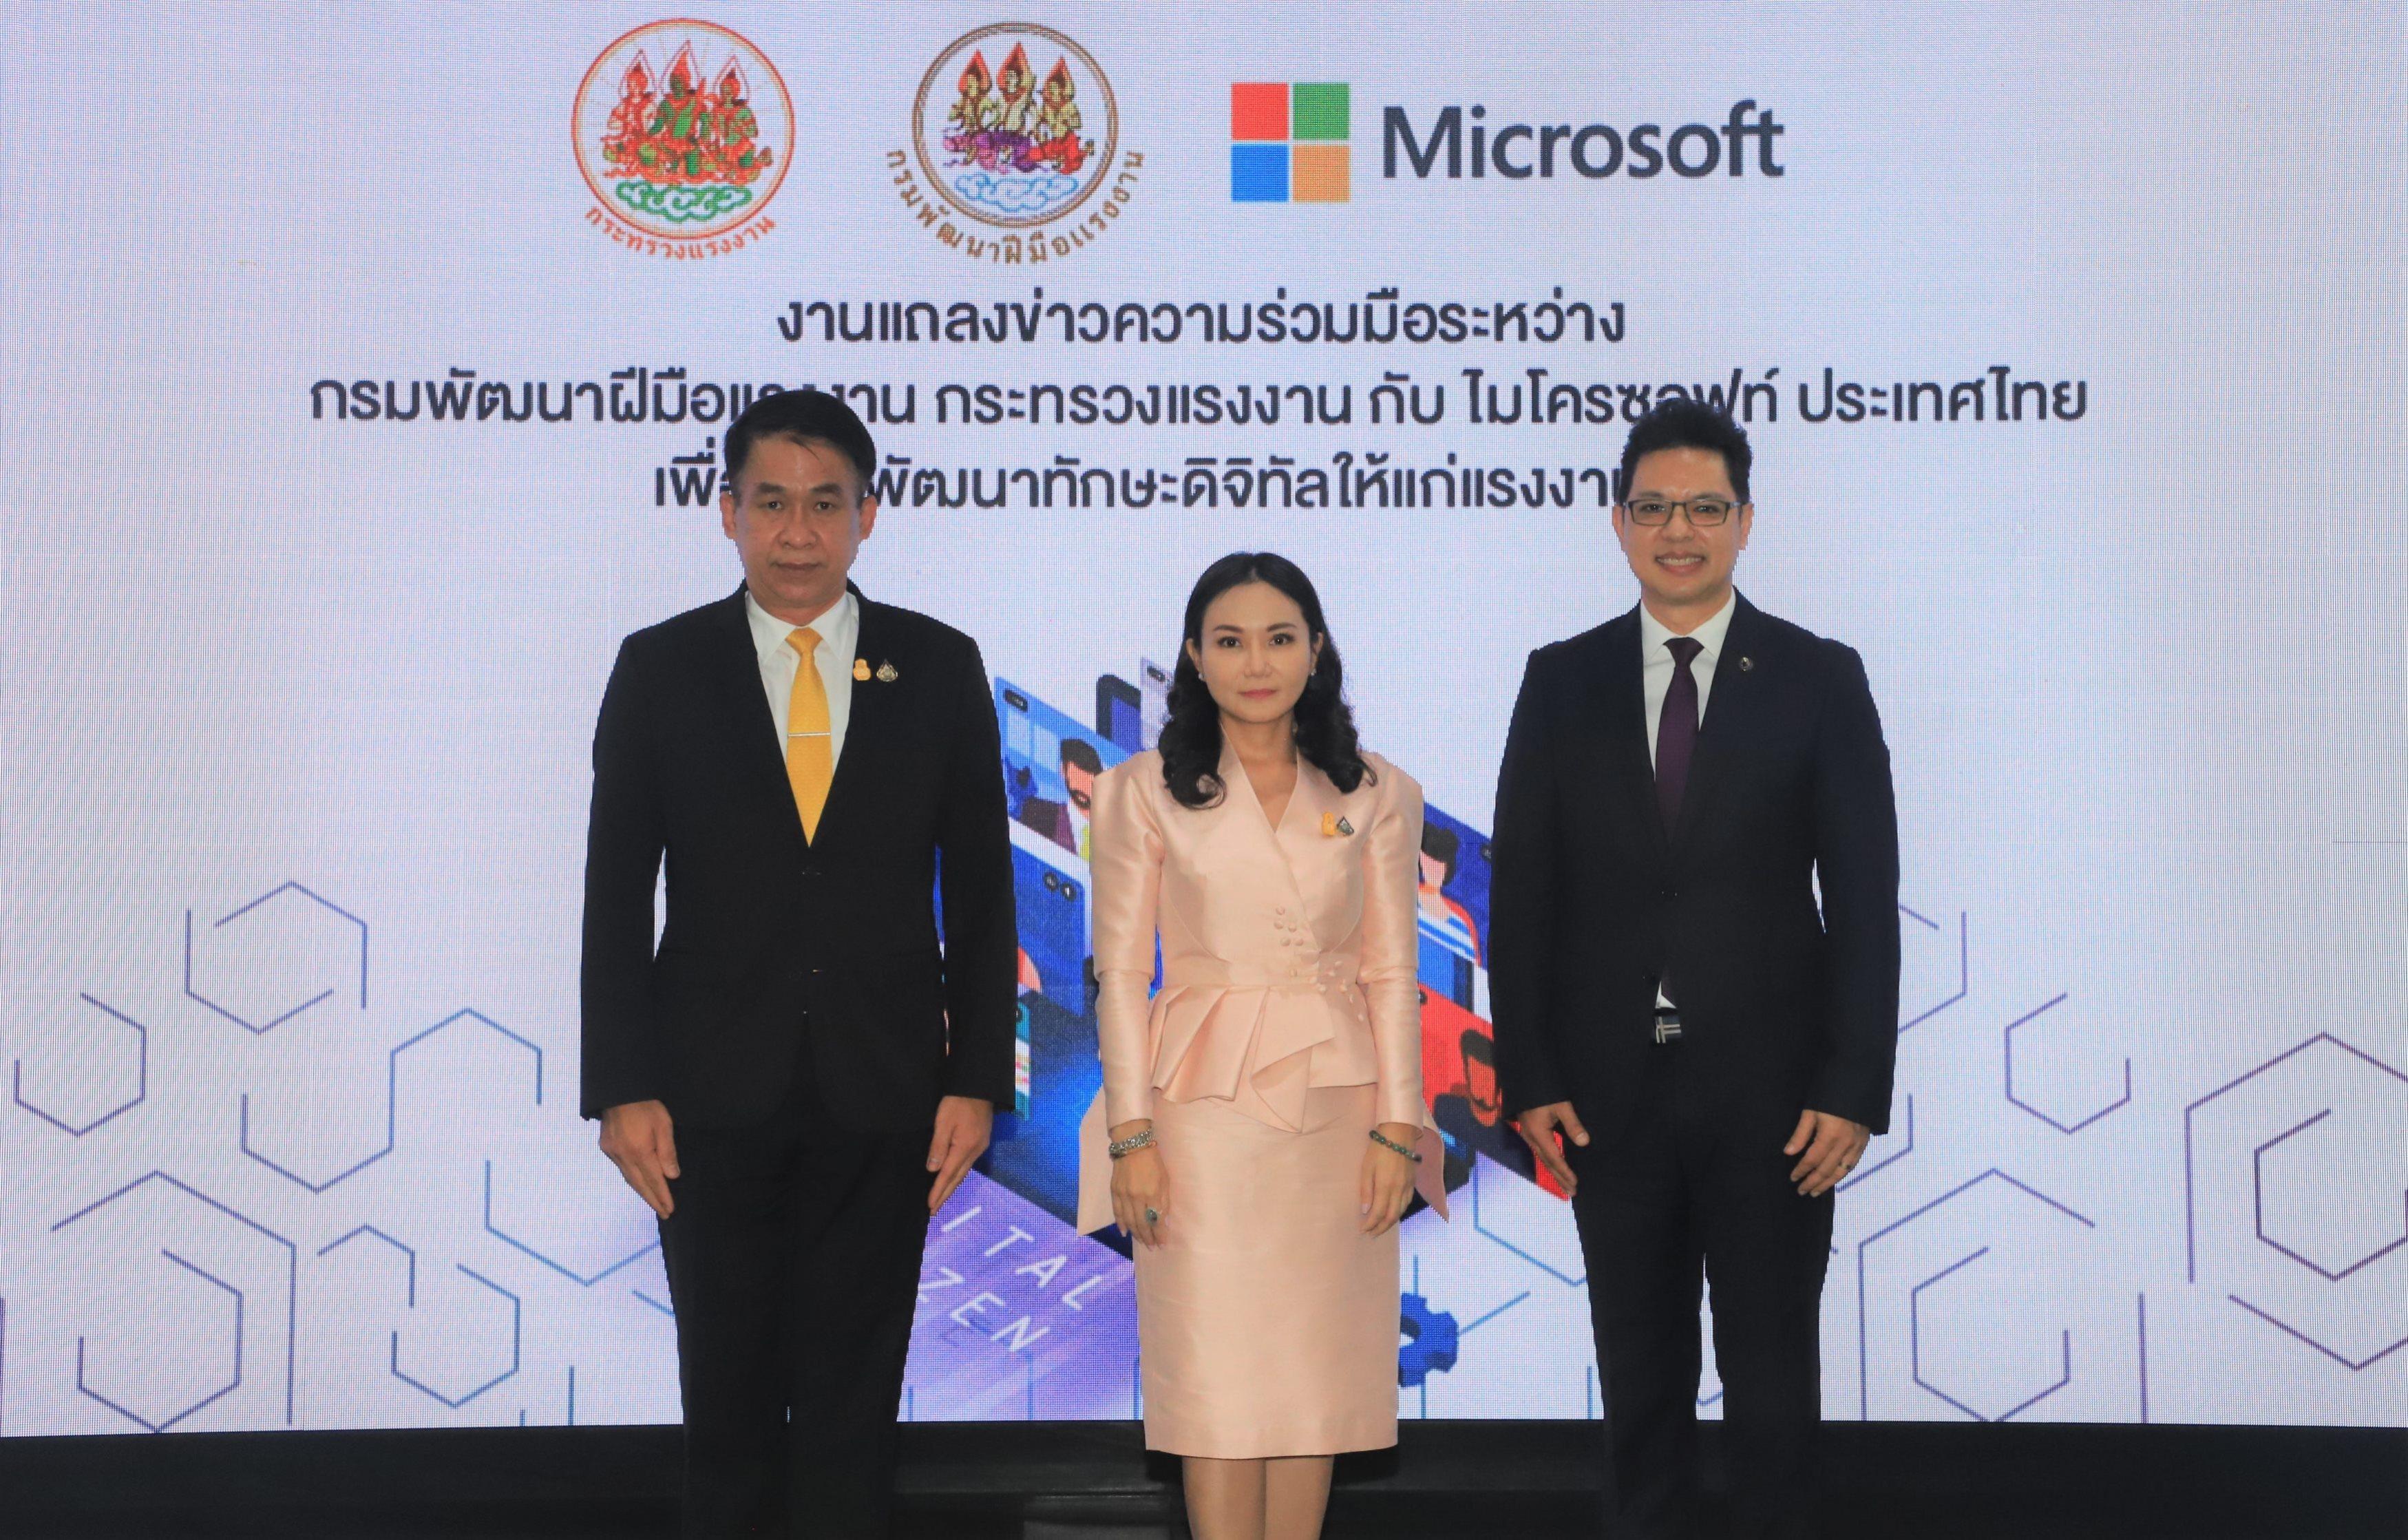 กระทรวงแรงงาน ร่วมมือกับ ไมโครซอฟท์ ประเทศไทย  ตั้งเป้ายกระดับทักษะดิจิทัลแก่ 4 ล้านแรงงานไทย ปูทางสร้างพลเมืองดิจิทัล